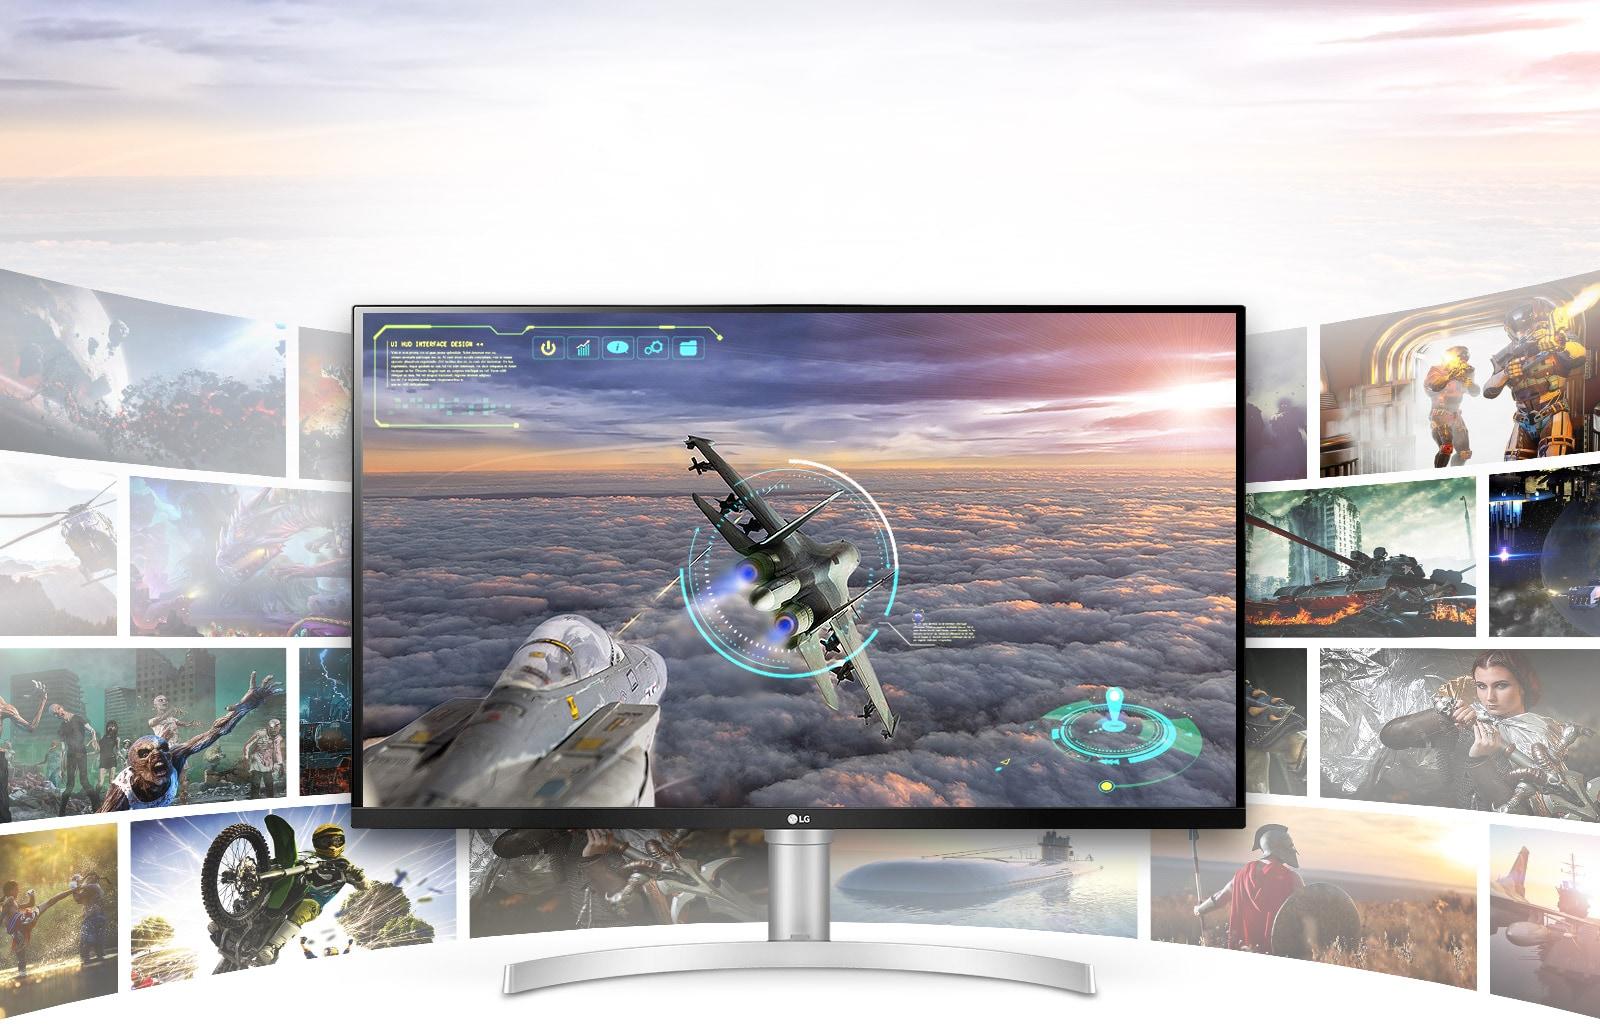 Игровая сцена с исключительной четкостью и детализацией на дисплее LG UHD 4K